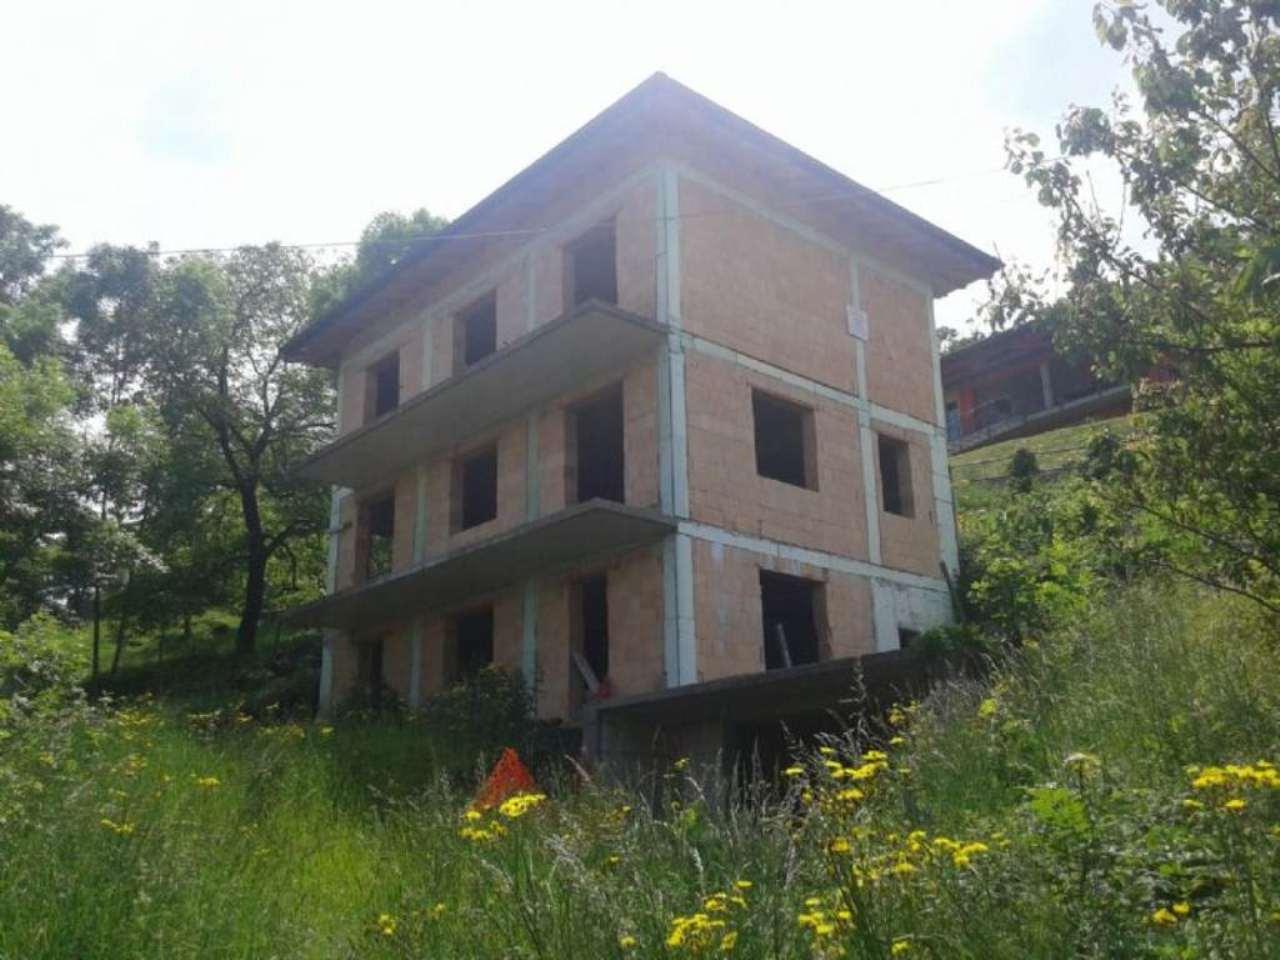 Villa in vendita a Cerano d'Intelvi, 5 locali, prezzo € 175.000 | CambioCasa.it